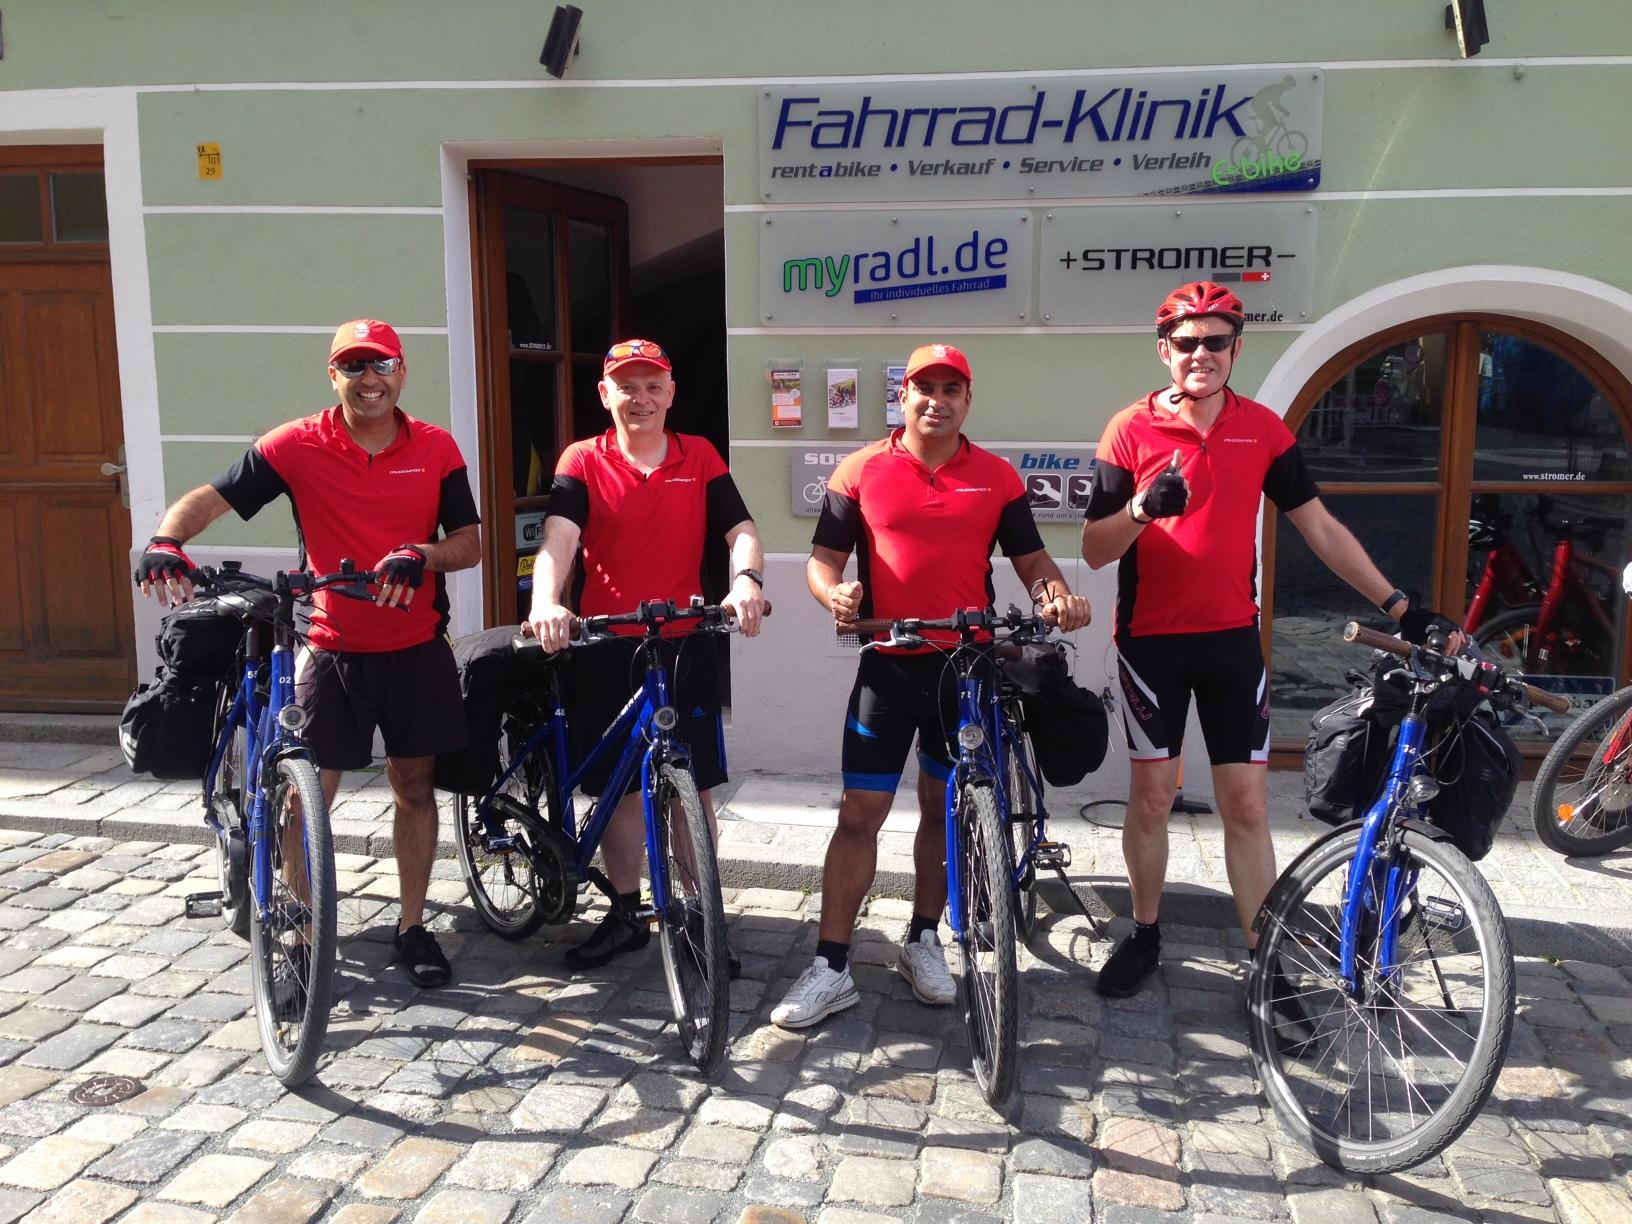 fahrradklinik Passau verleih rental Gäste guests